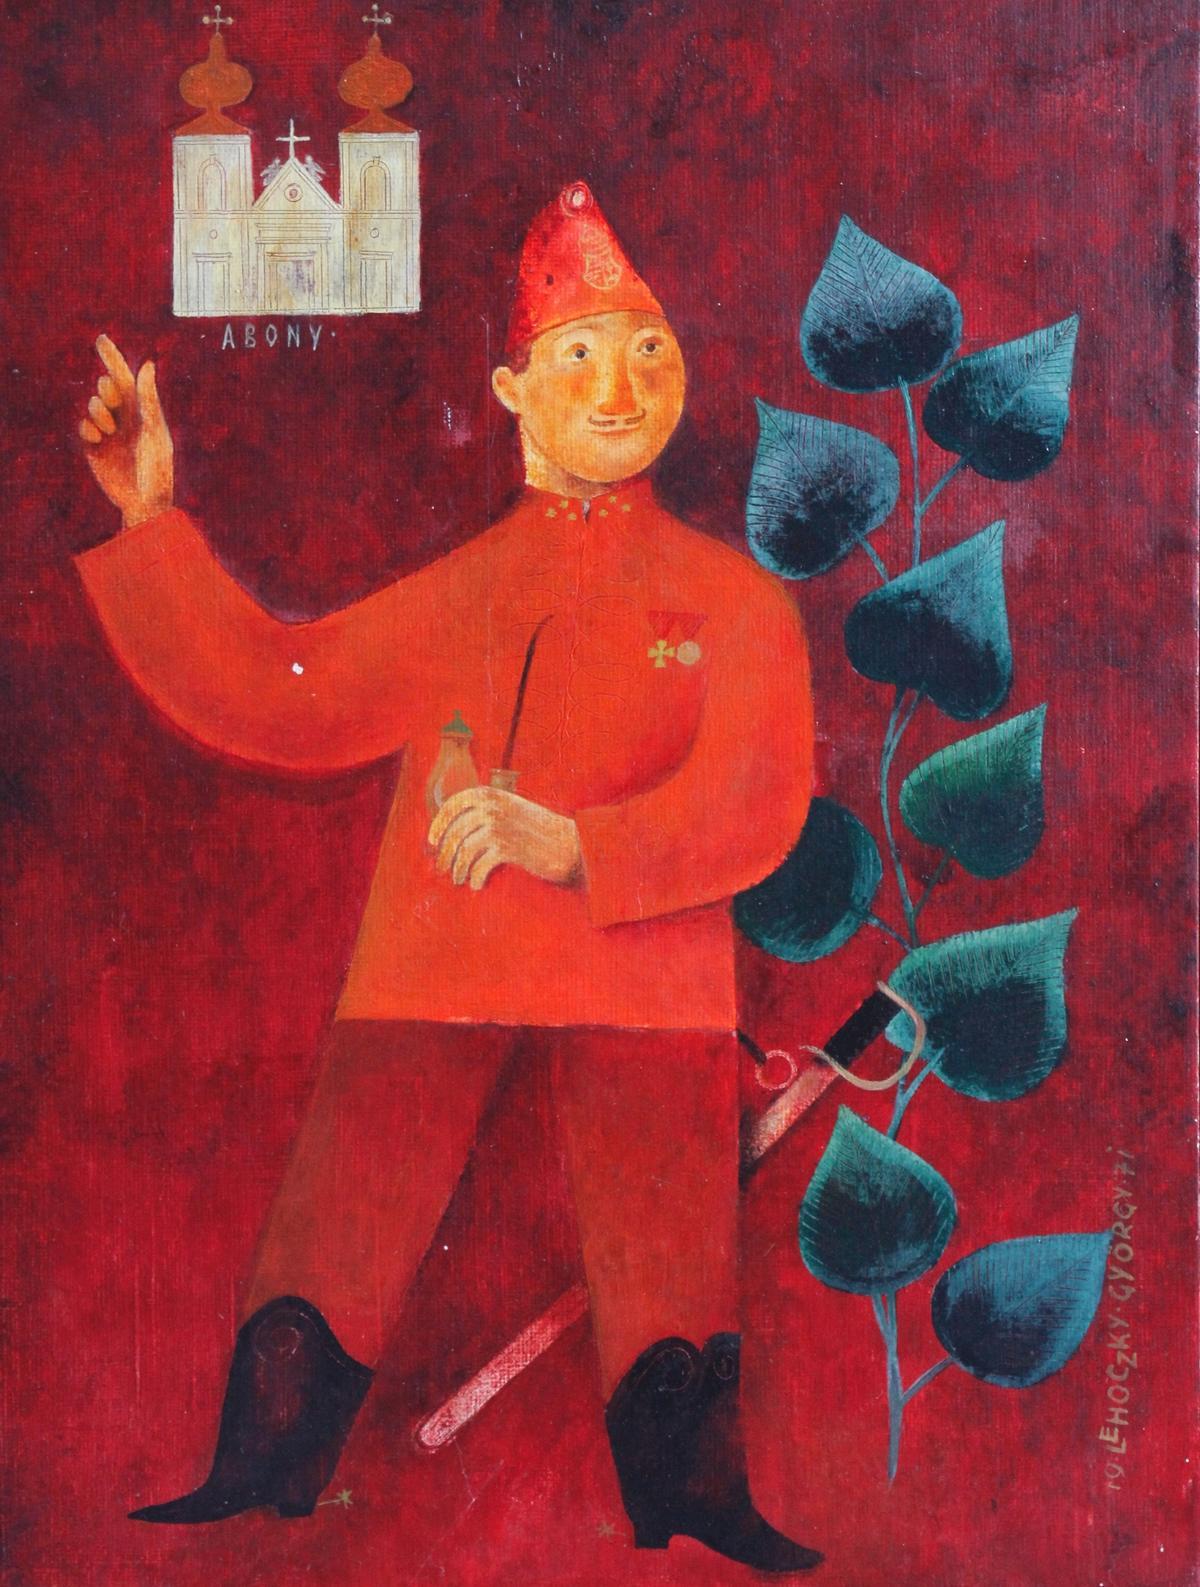 György LEHOCZKY (1901-1979), Abony-2